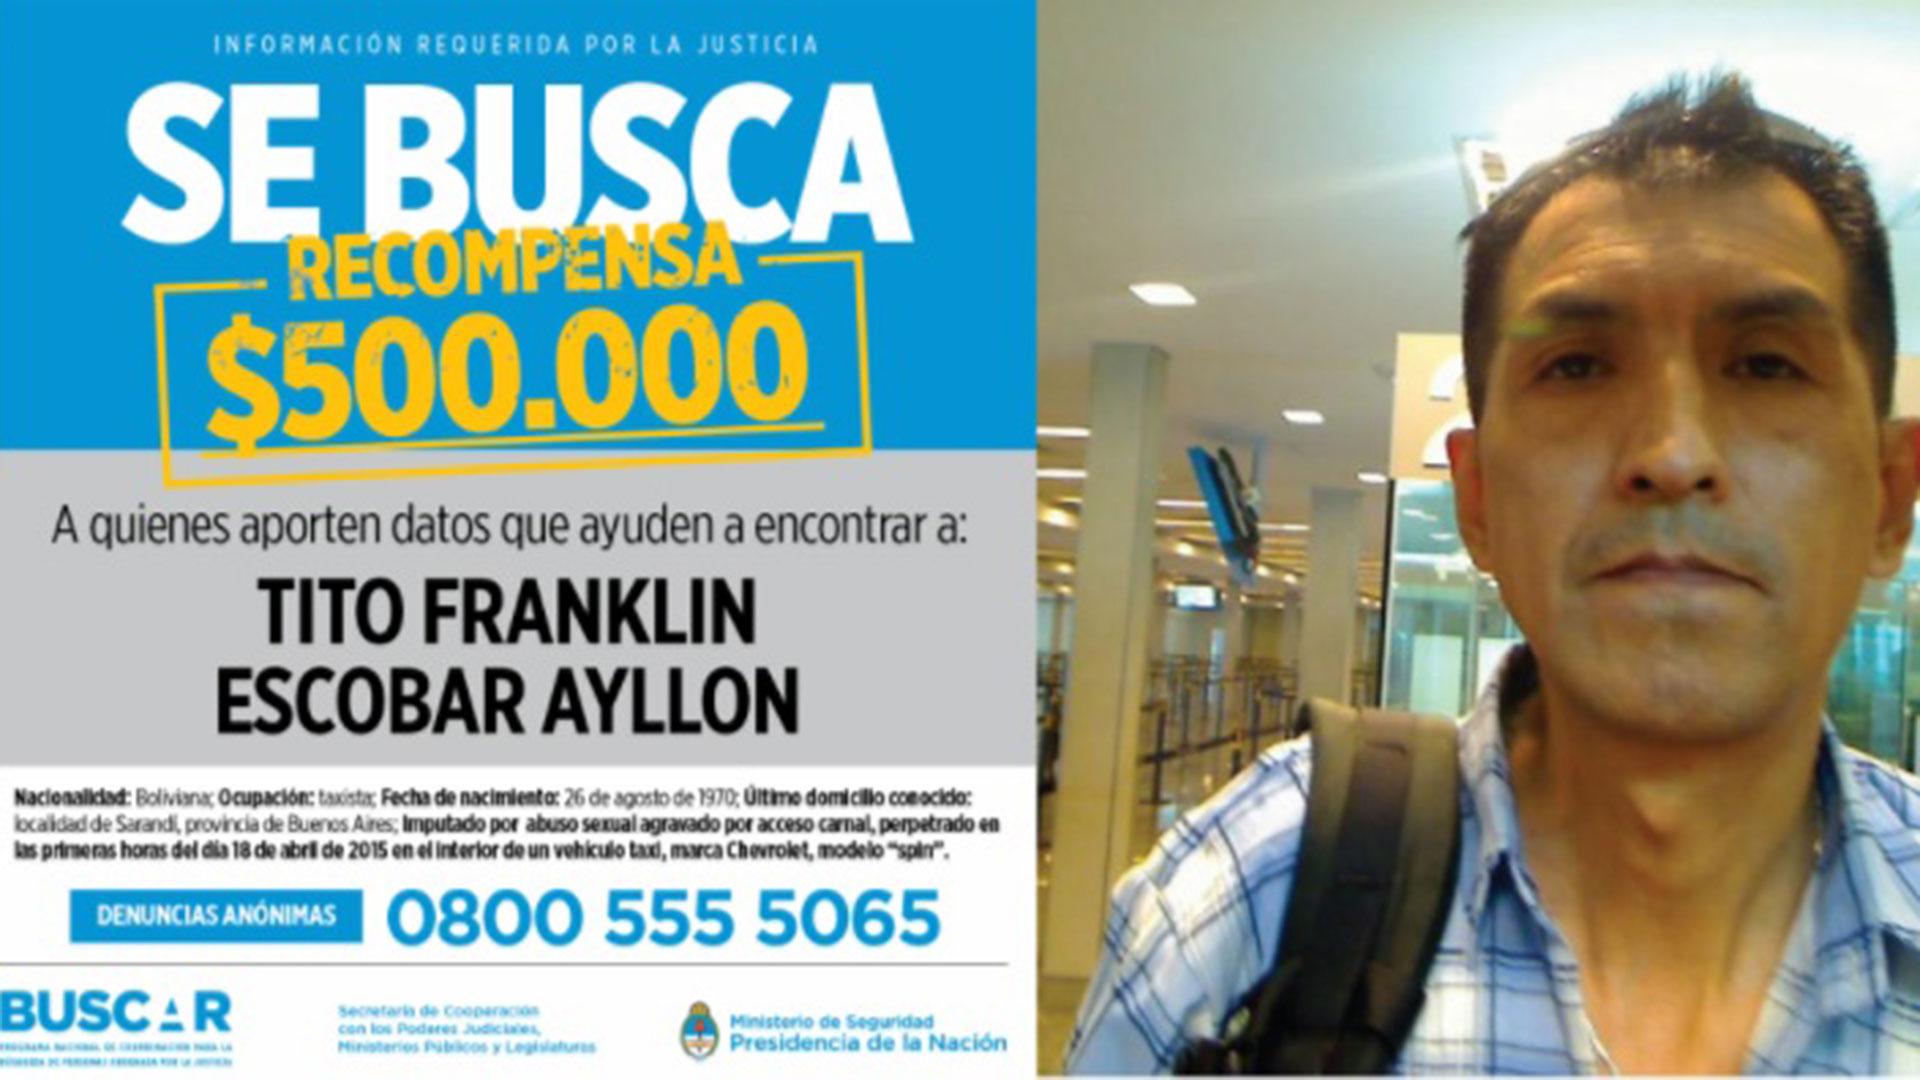 Escobar Ayllon está acusado de haber violado y golpeado a una pasajera de 20 años